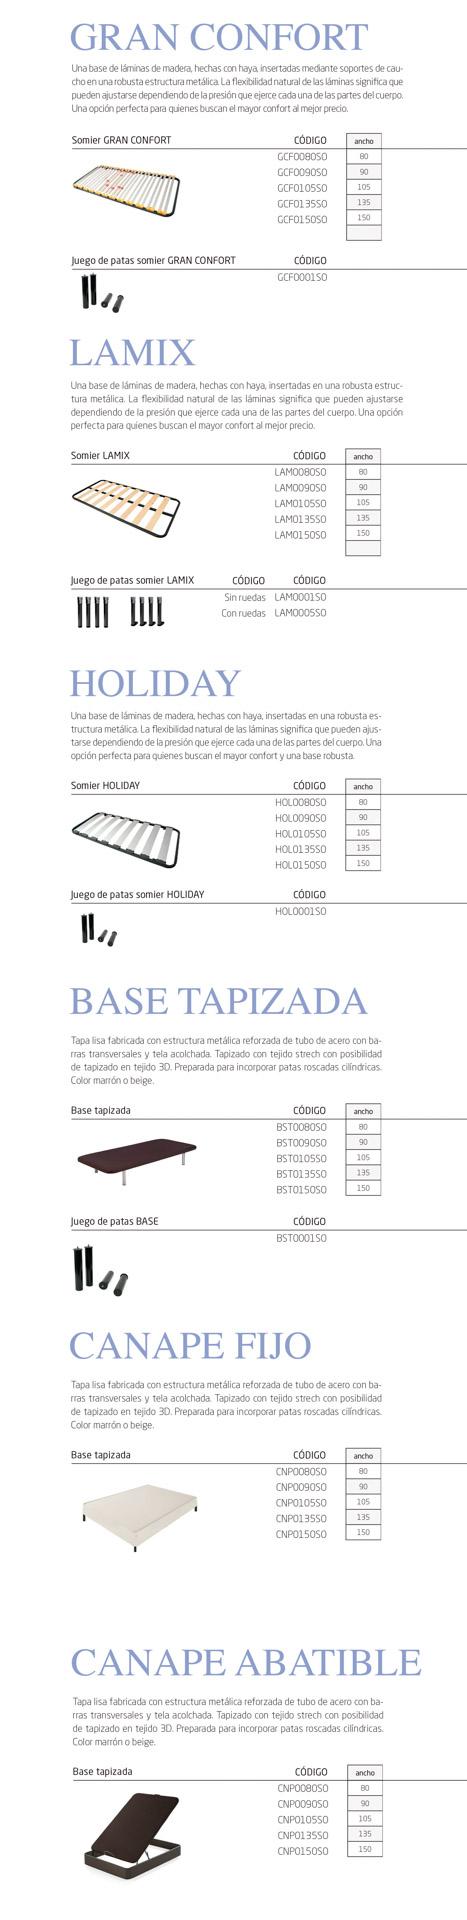 Modelos de la colección de bases de camas para geriátricos